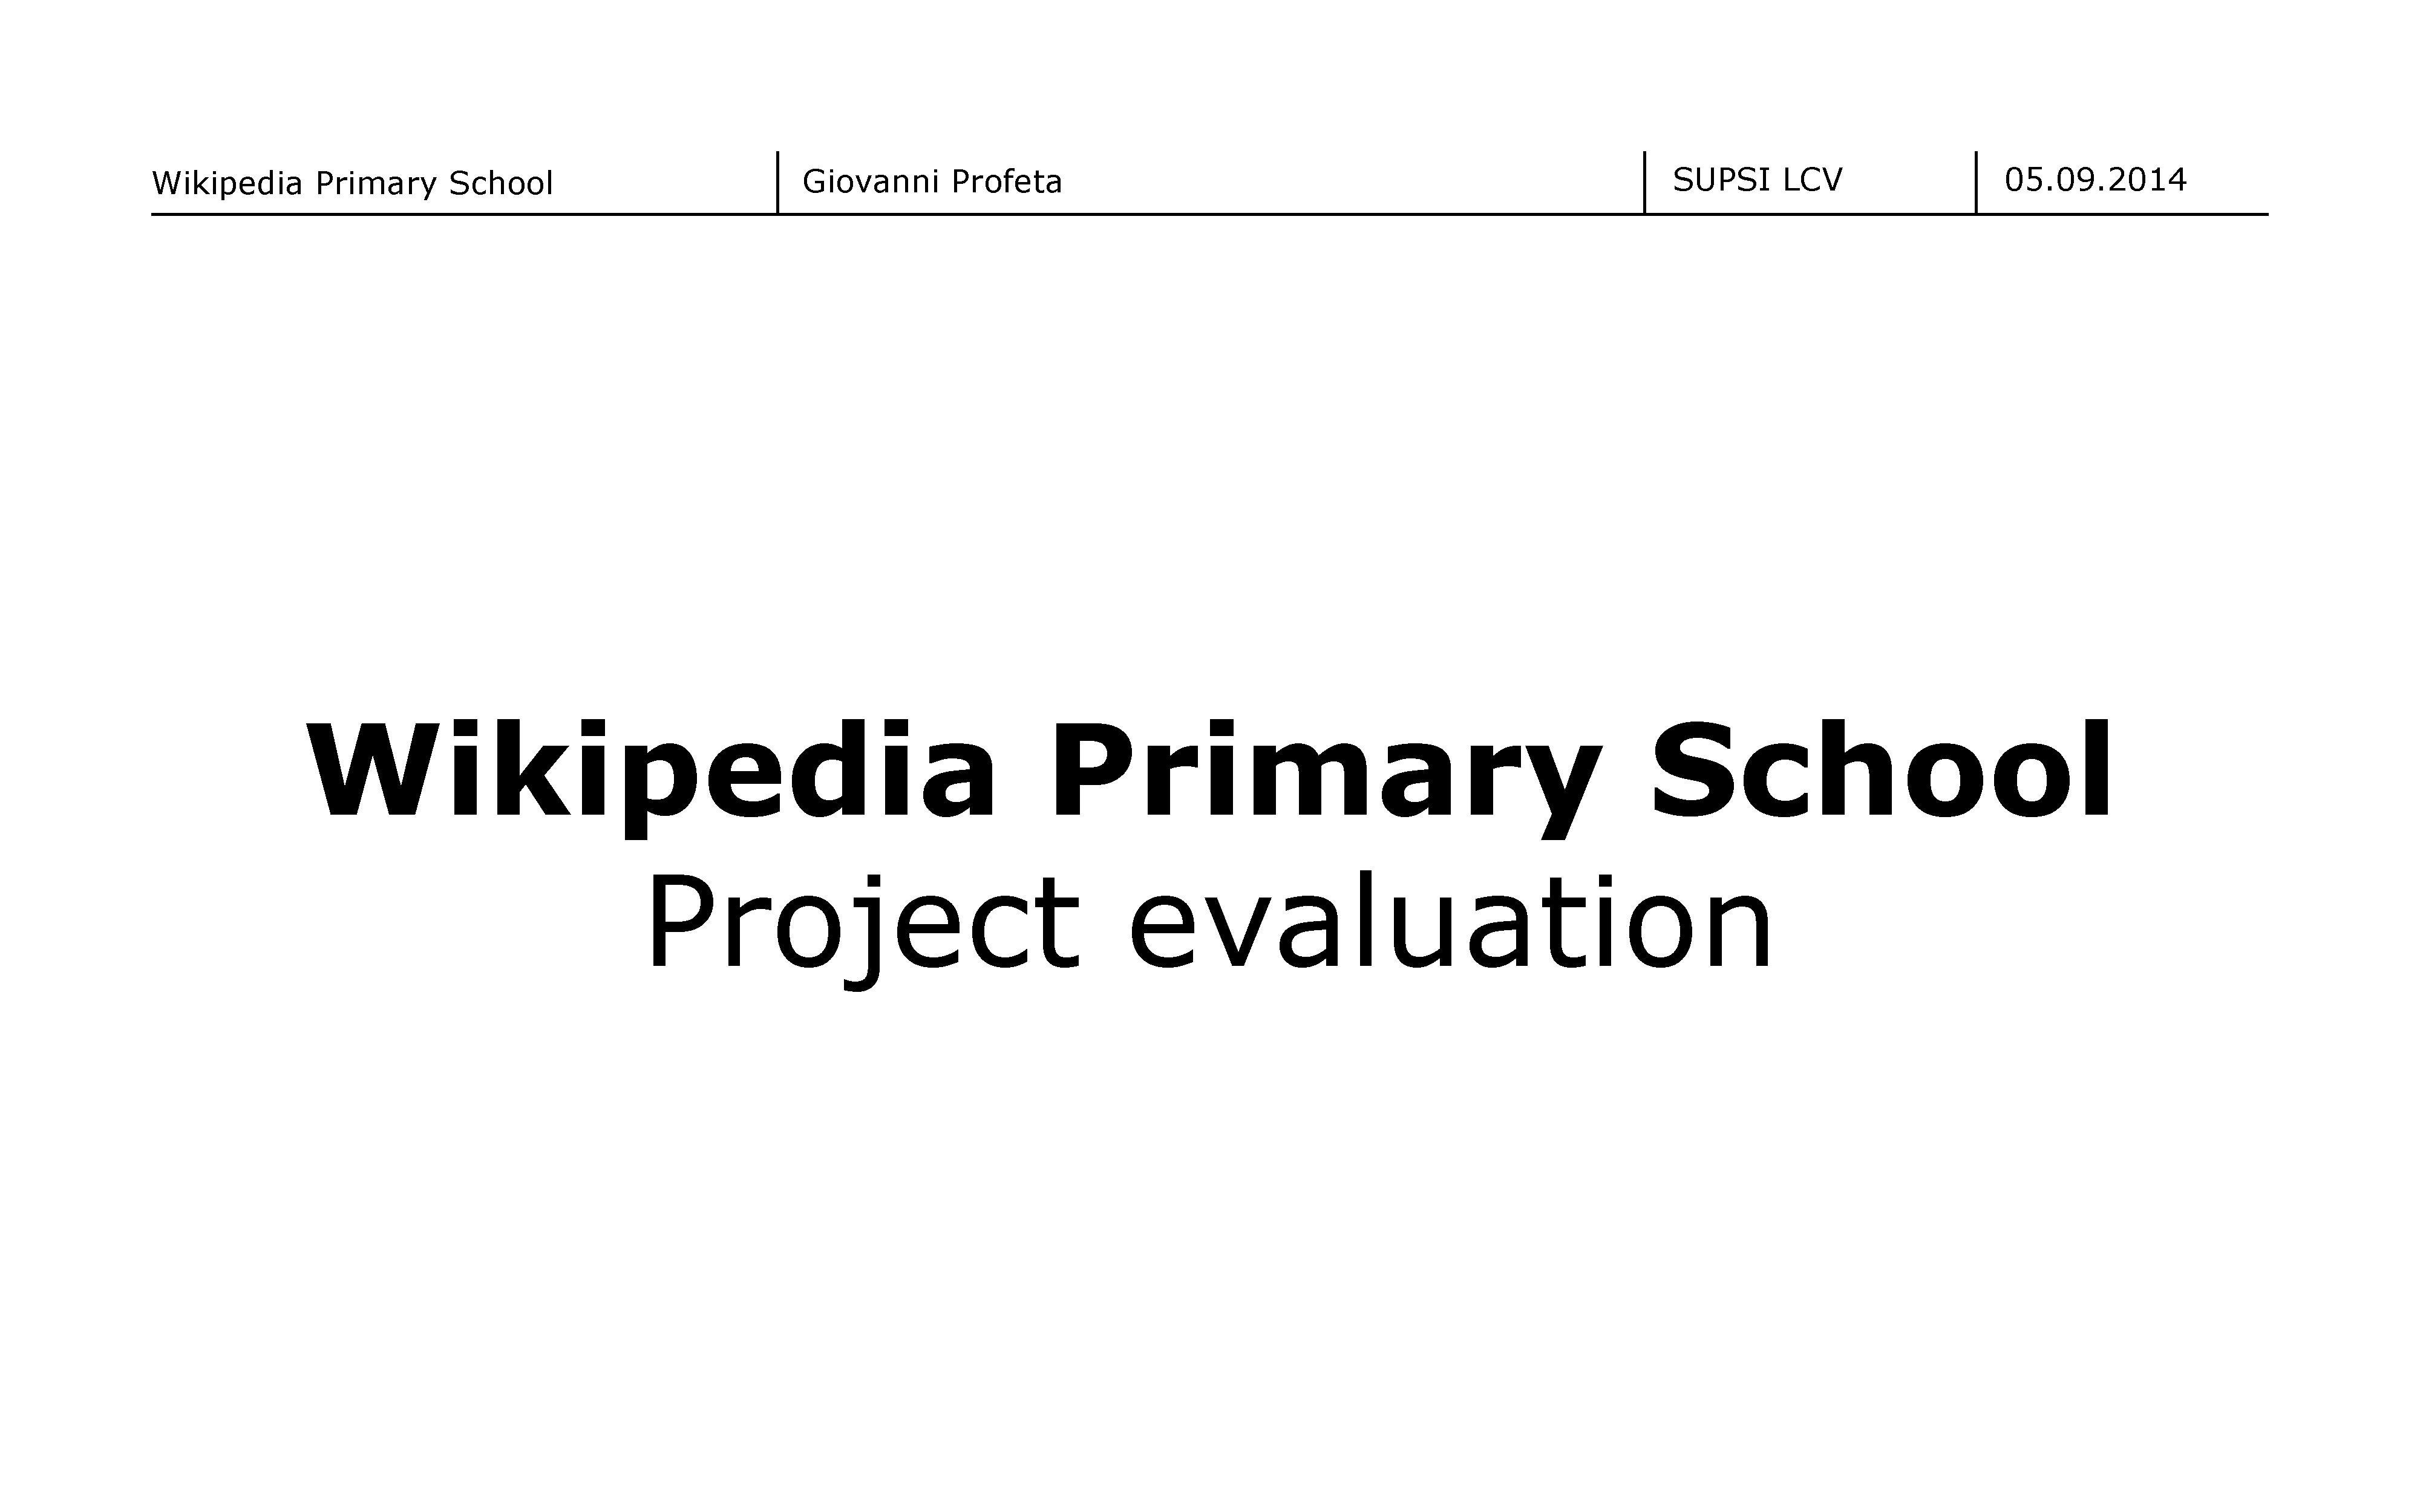 File Wikipedia Primary School